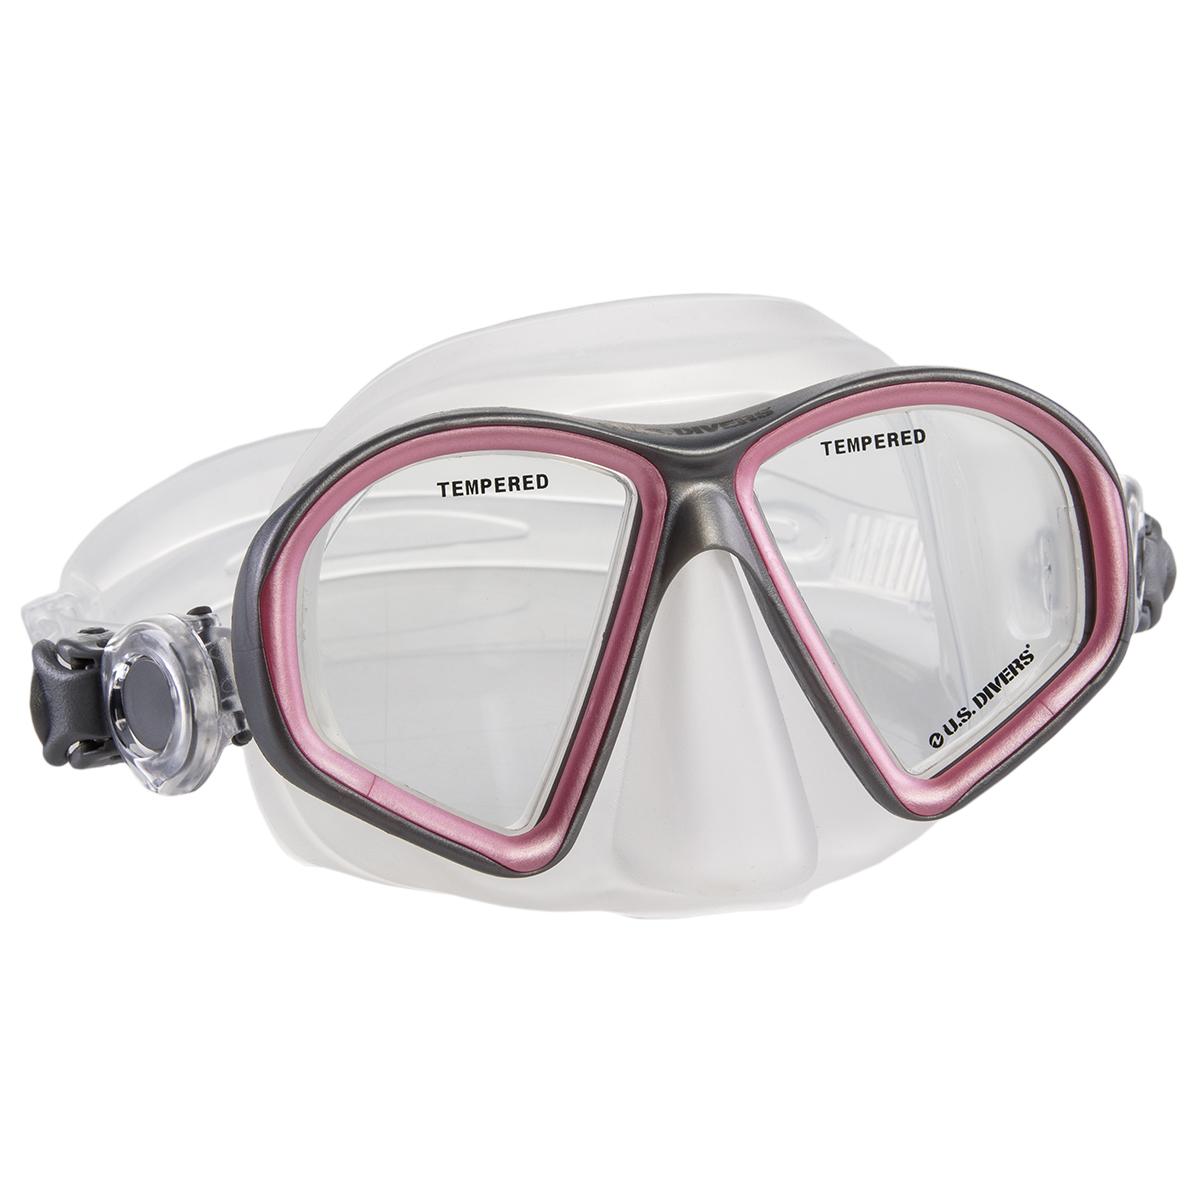 8e5b3f1c3507 Goggles With Nose Cover « Heritage Malta